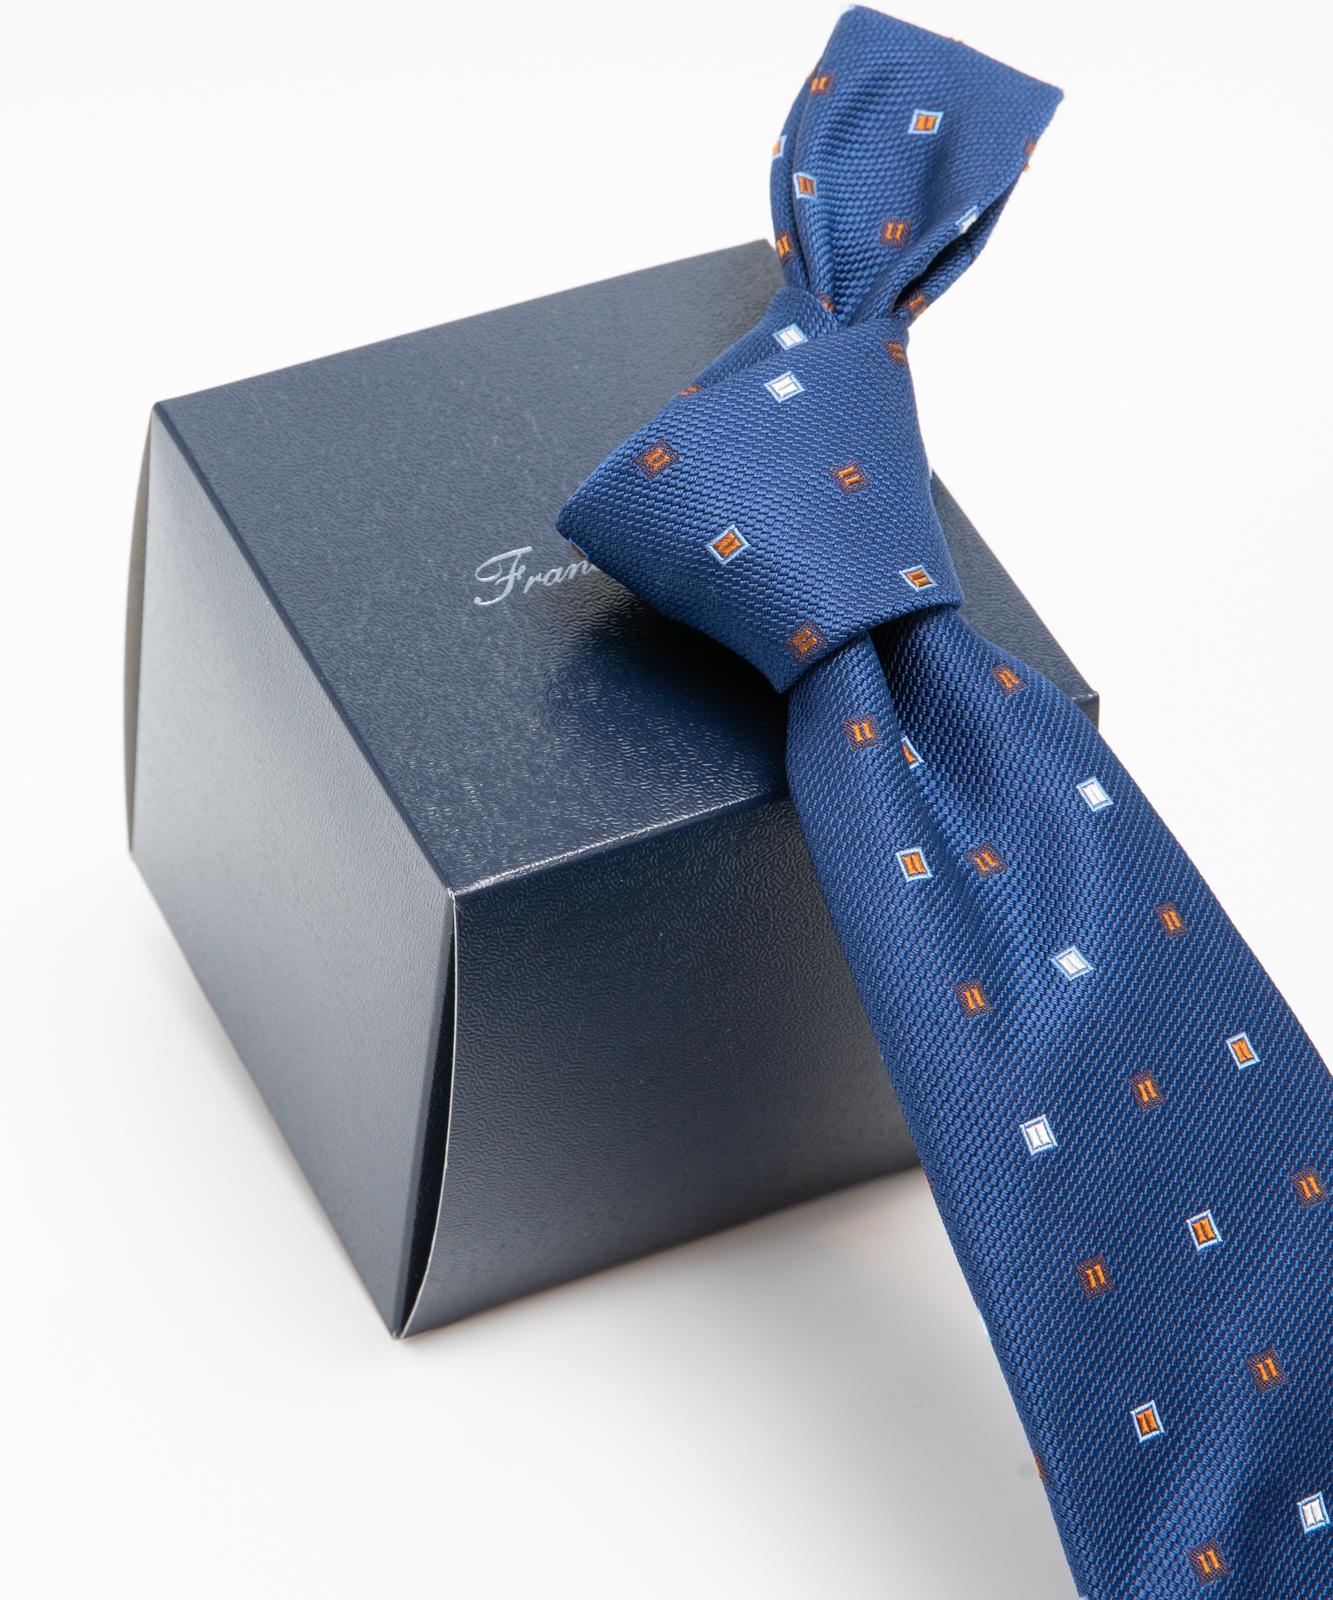 Franco Spada(フランコスパダ)クラシック小紋柄:ブルー